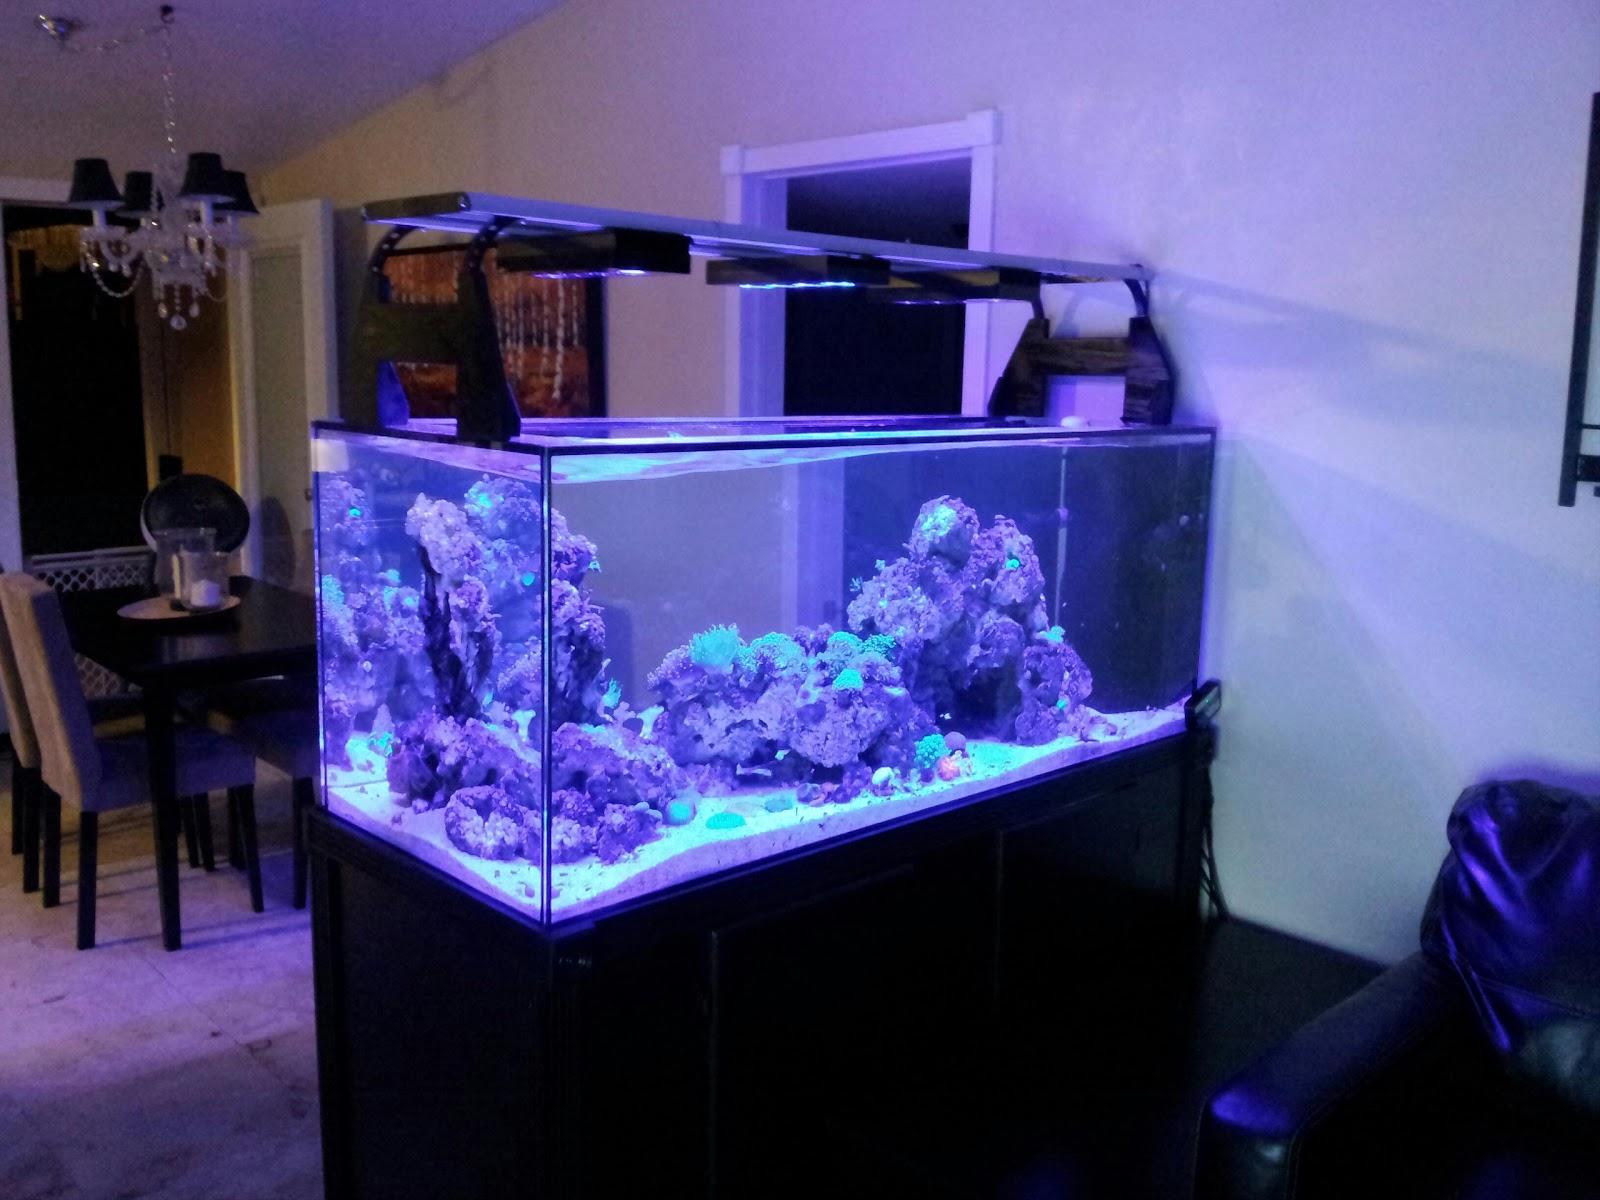 Coralchopper S Fishy Stuff Ai Hydra Versus Vega